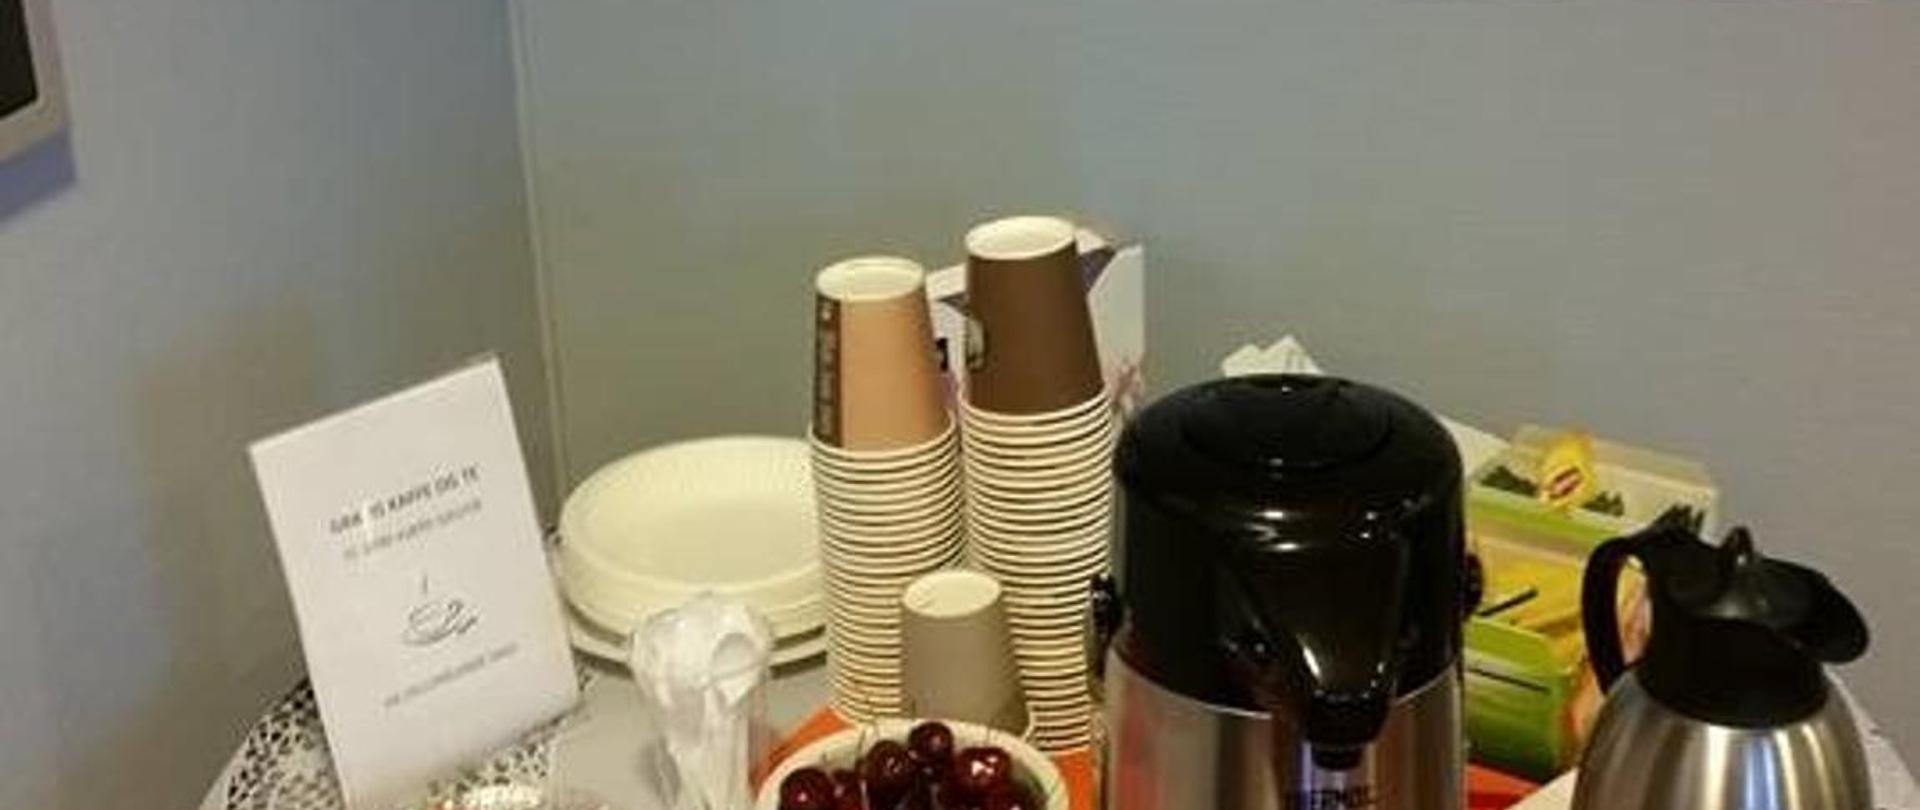 kaffe te 2.jpg